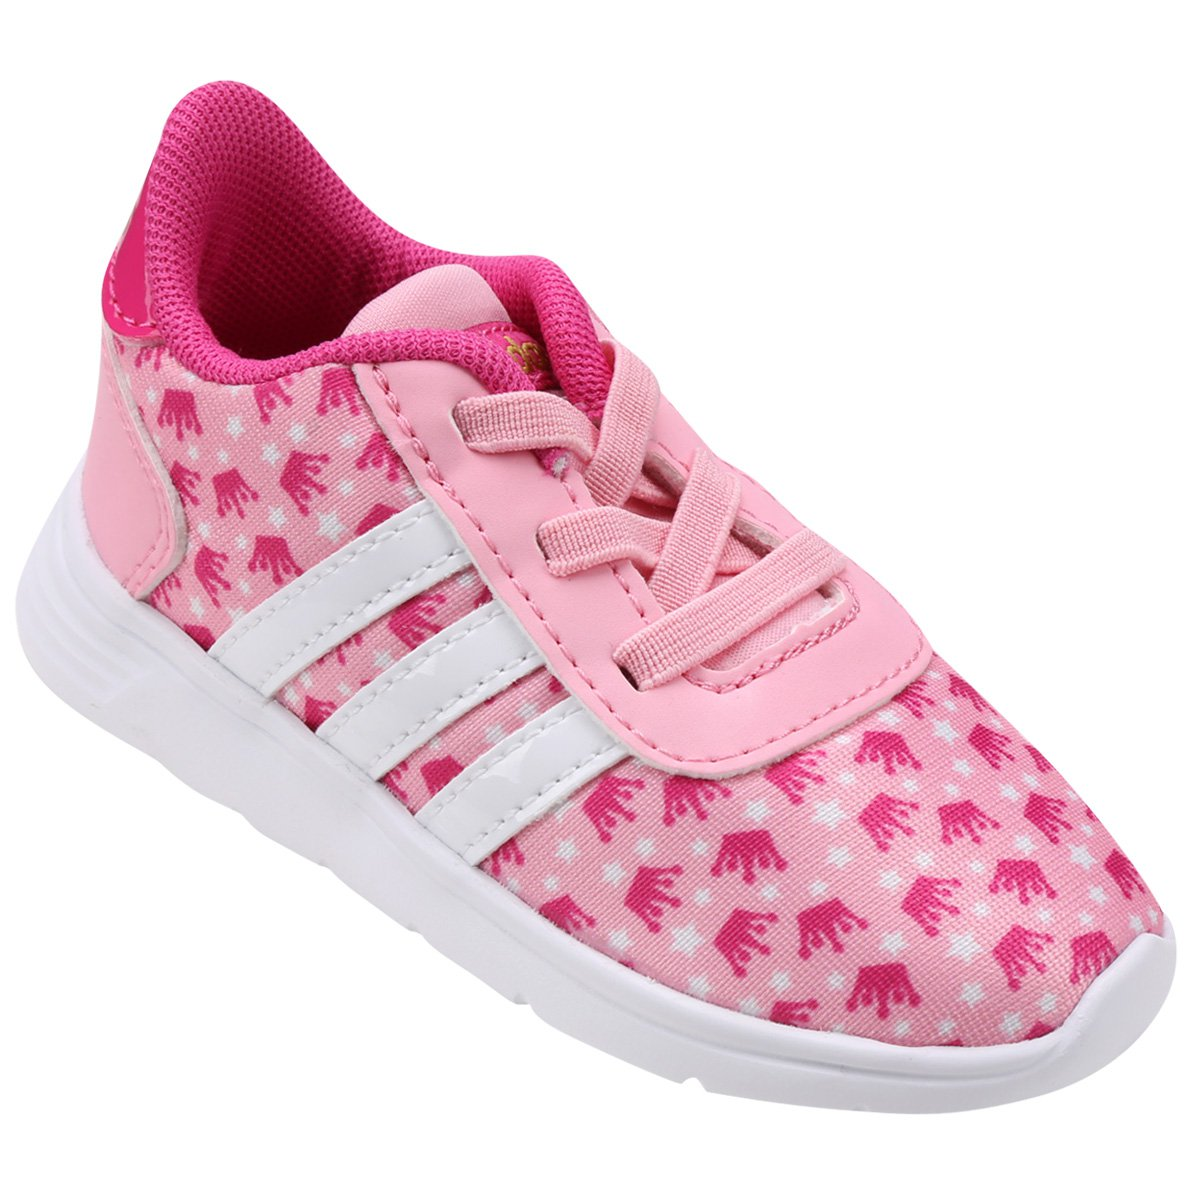 Tênis Adidas Lite Racer Adidas Princess Infantil Compre Compre Agora Lite | 6dee5cb - accademiadellescienzedellumbria.xyz